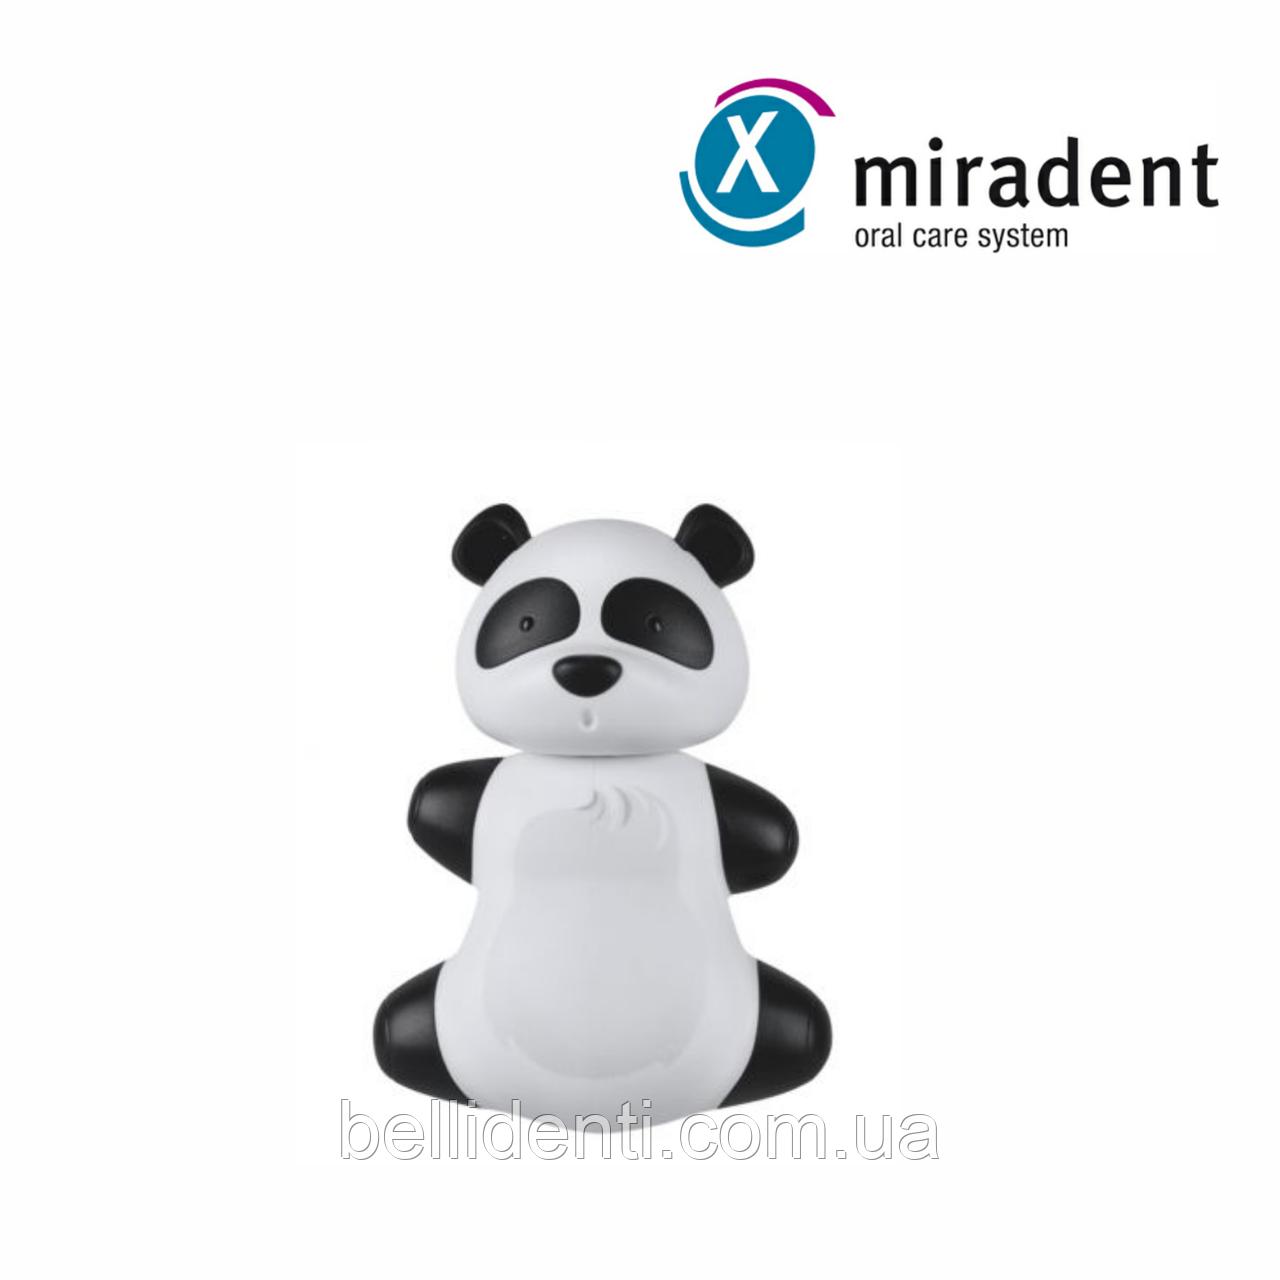 Гігієнічний футляр miradent Funny Animals, панда